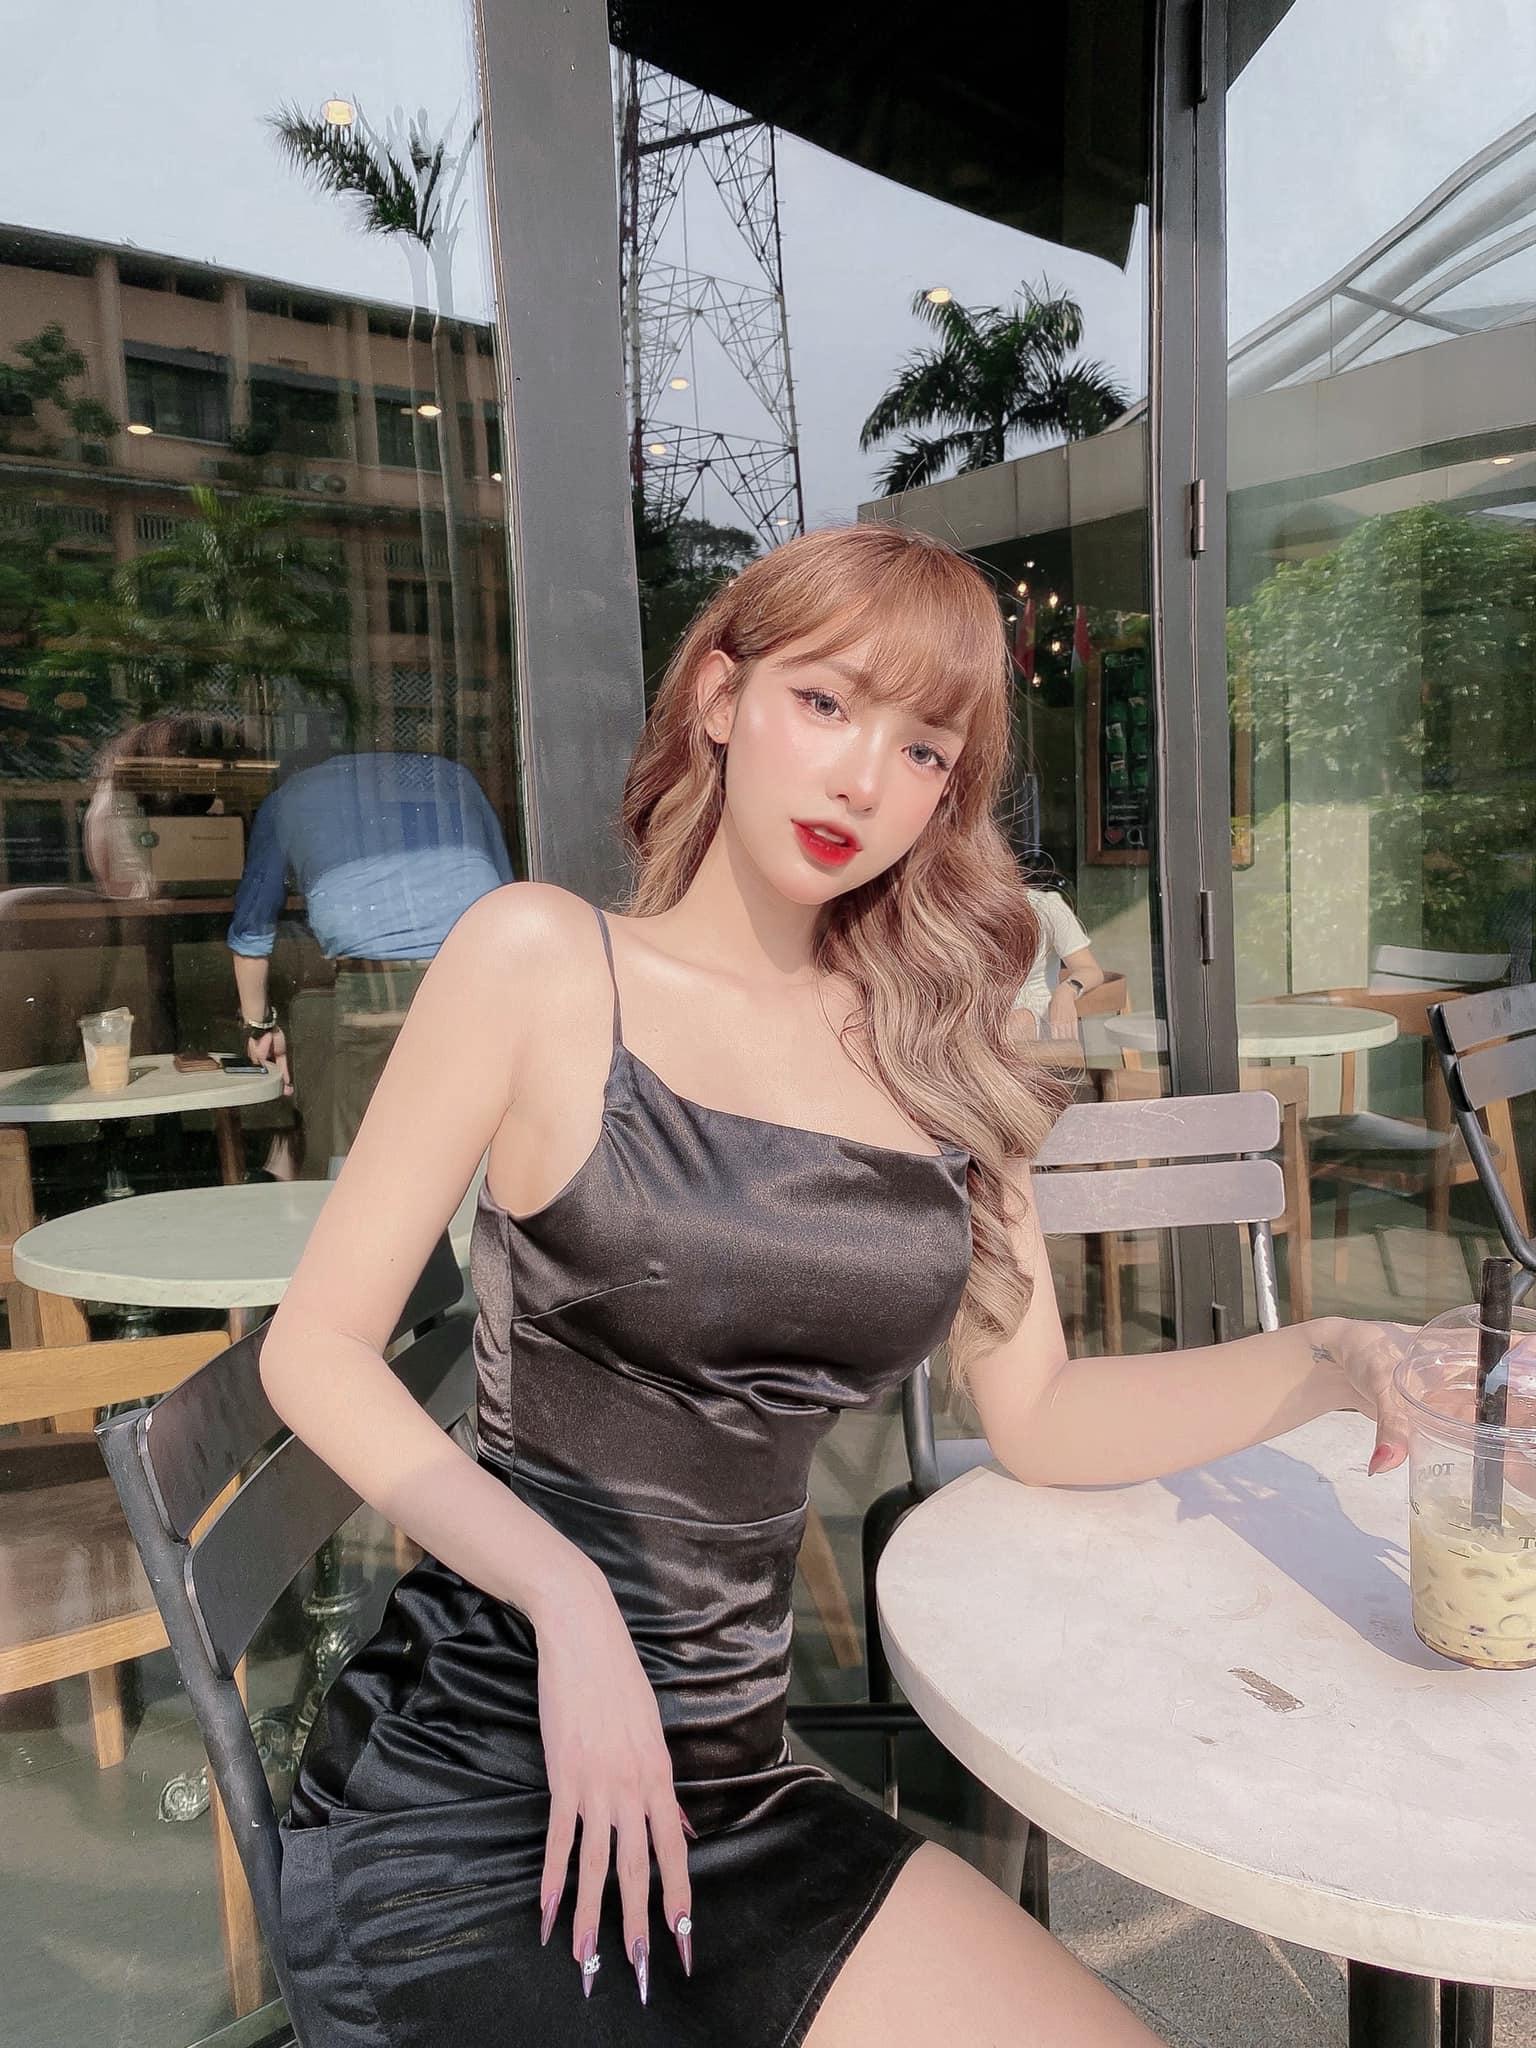 Thí sinh chuyển giới của Hoa hậu Hoàn vũ Việt Nam gây sốt với nhan sắc búp bê sống - page 2 - 1